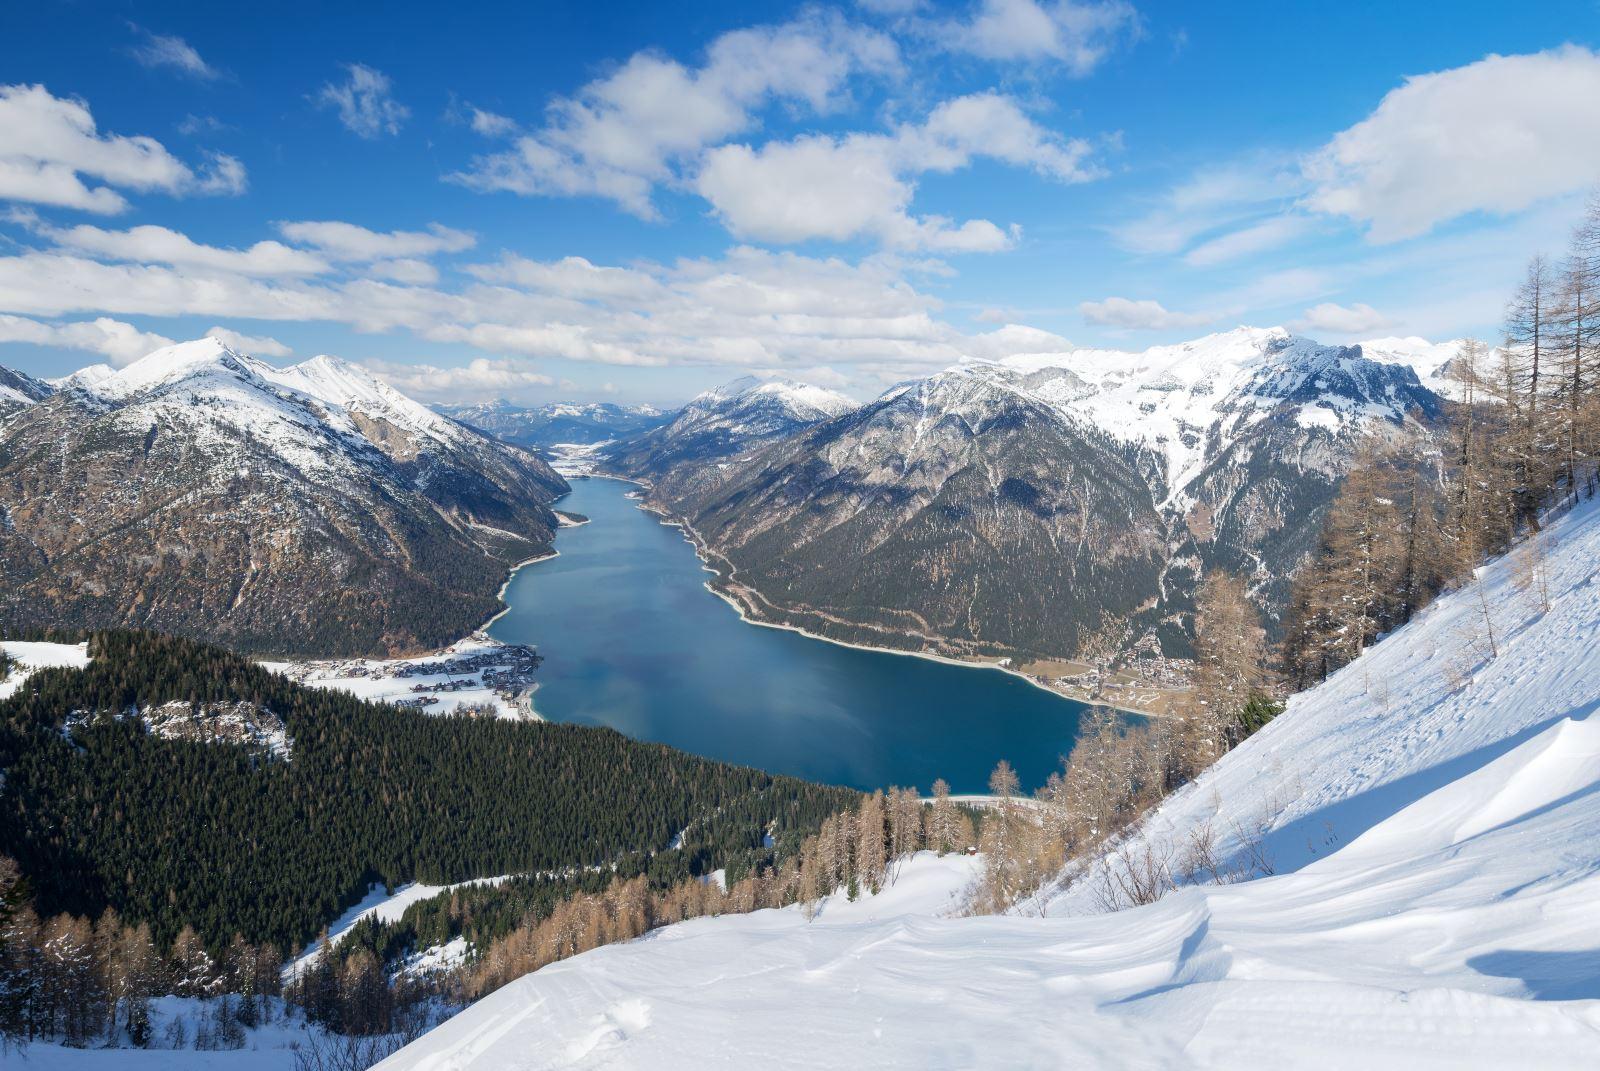 Lago e montagne con neve